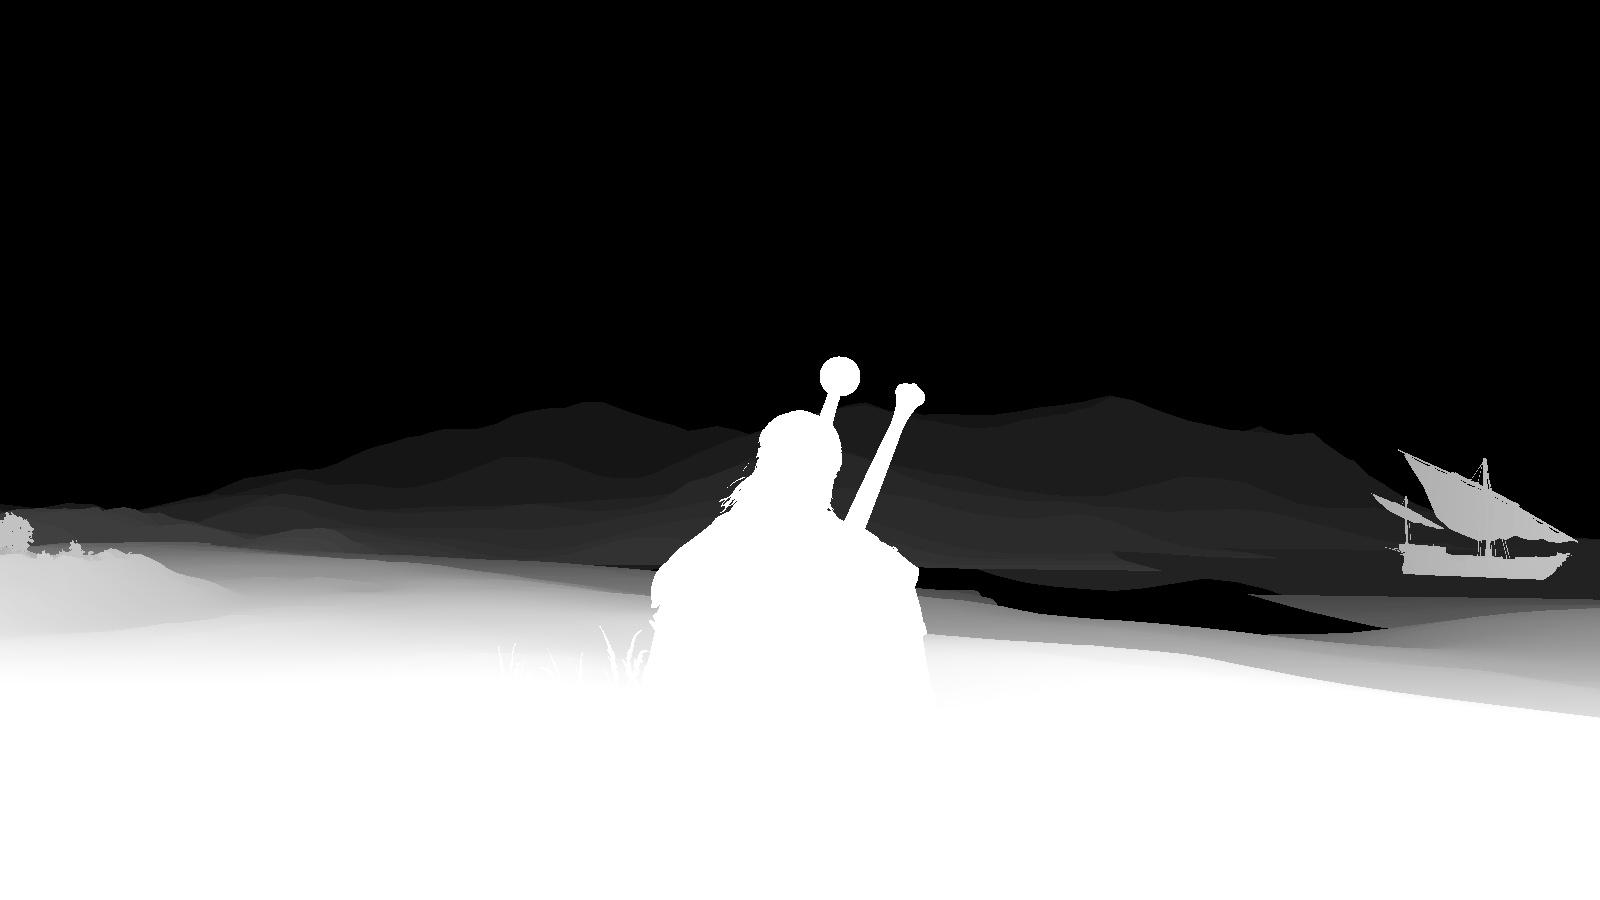 Реверс-инжиниринг рендеринга «Ведьмака 3»: различные эффекты неба - 15